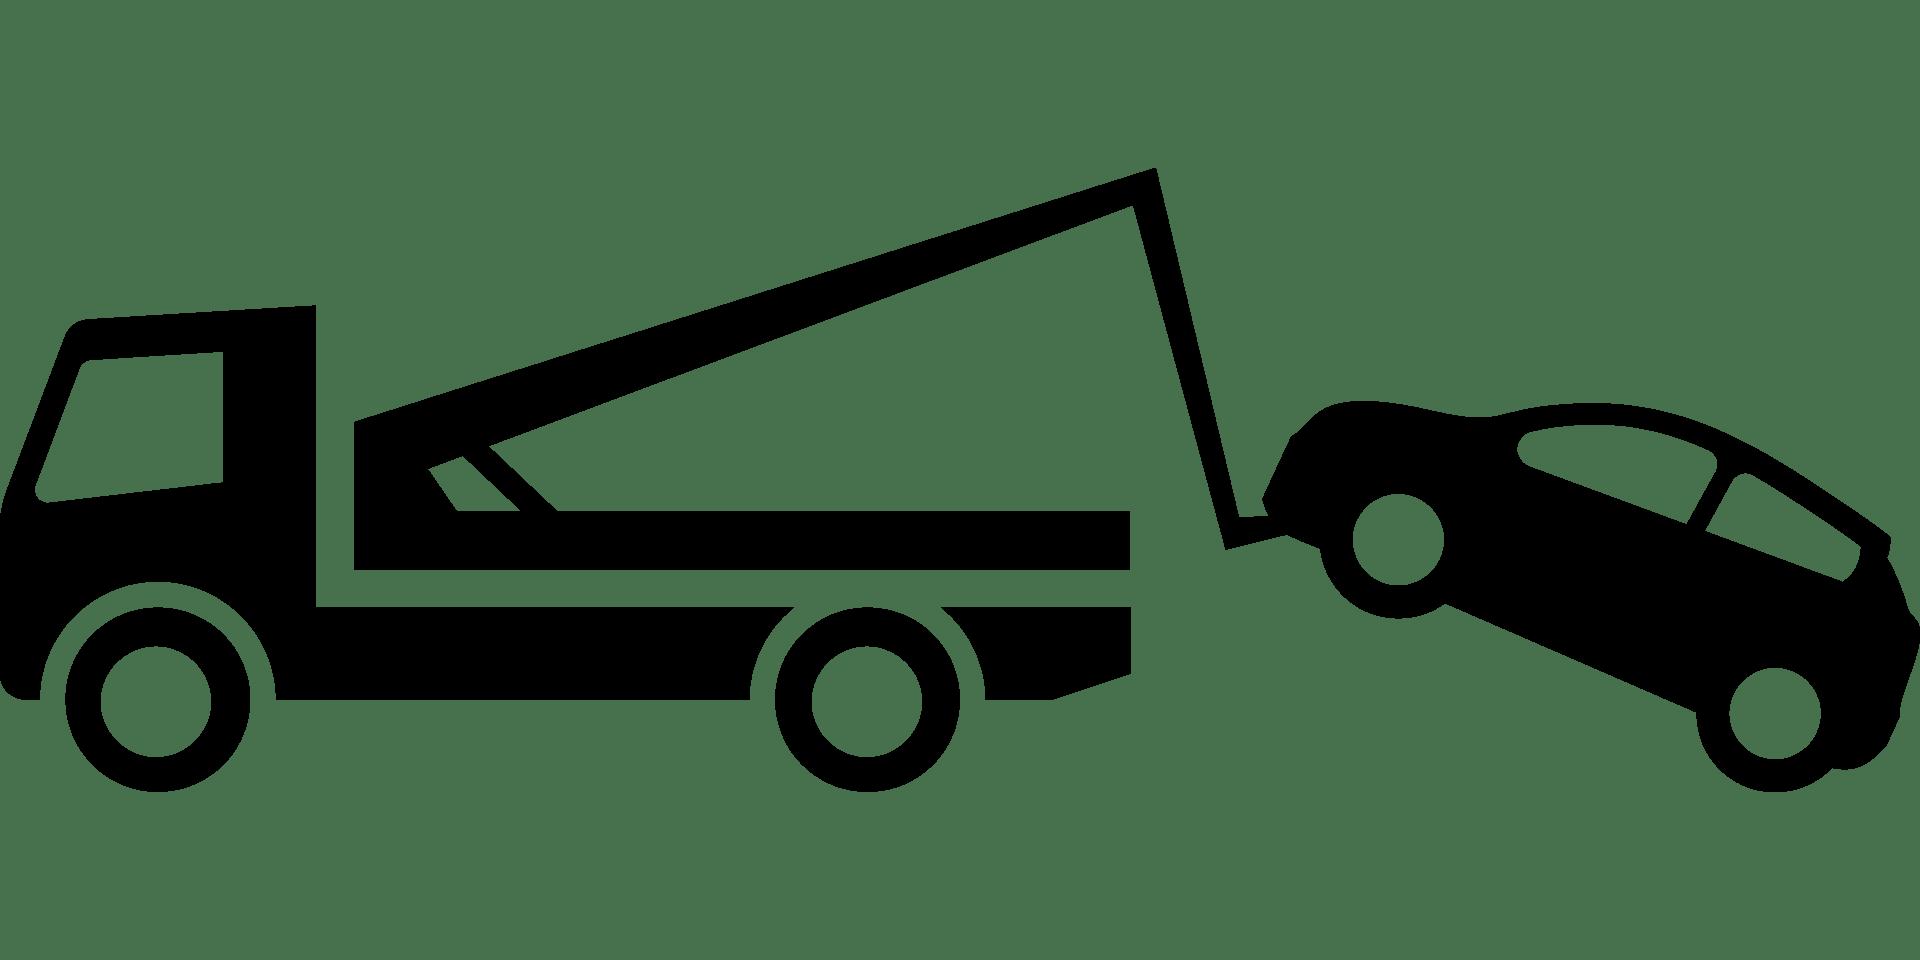 Abschleppwagen Pictogram Free